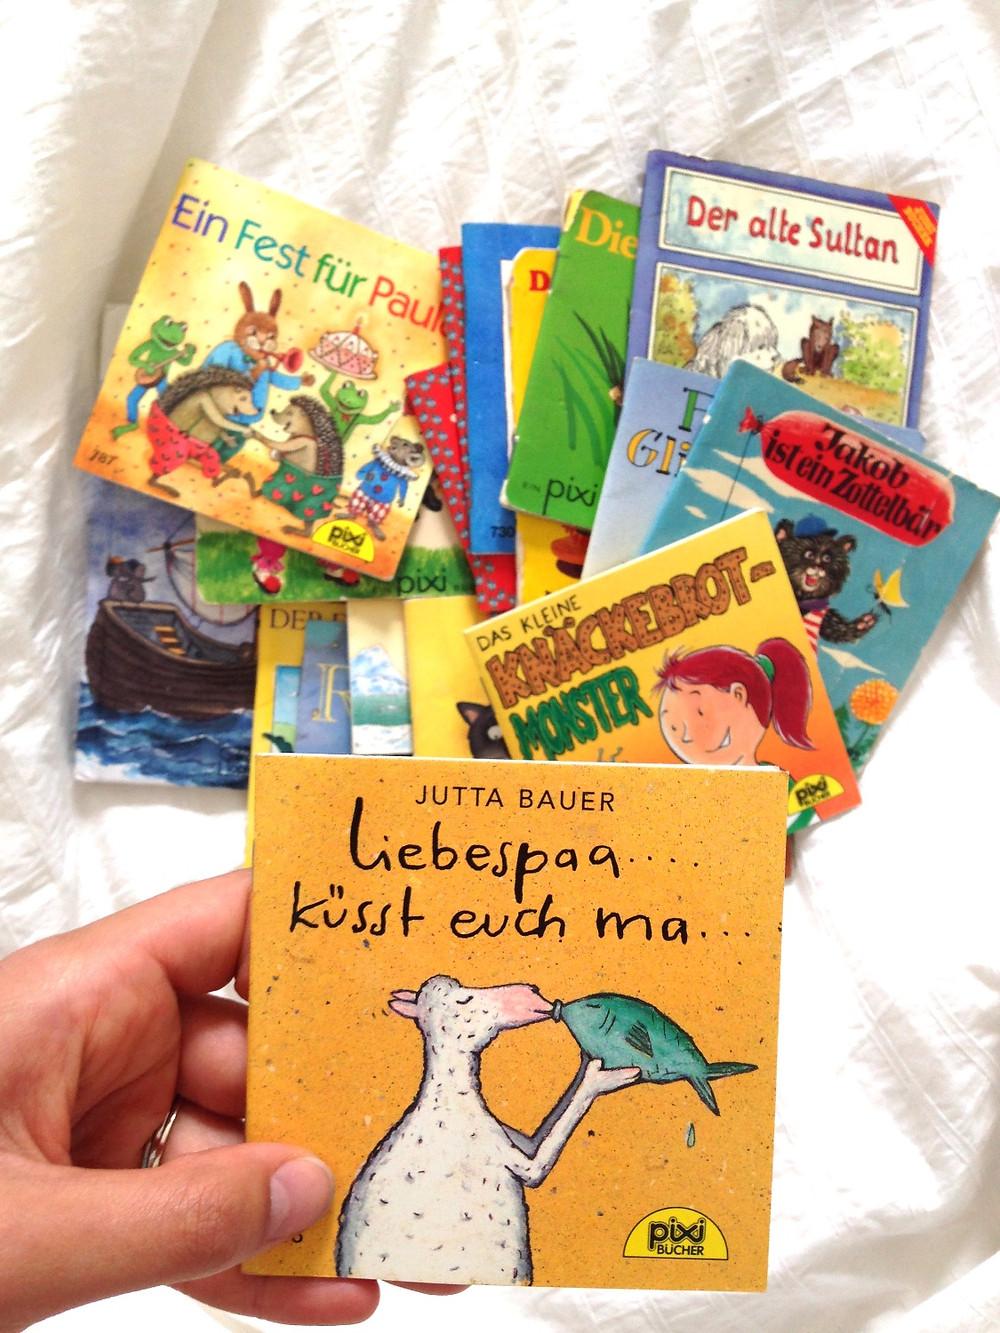 Pixi books